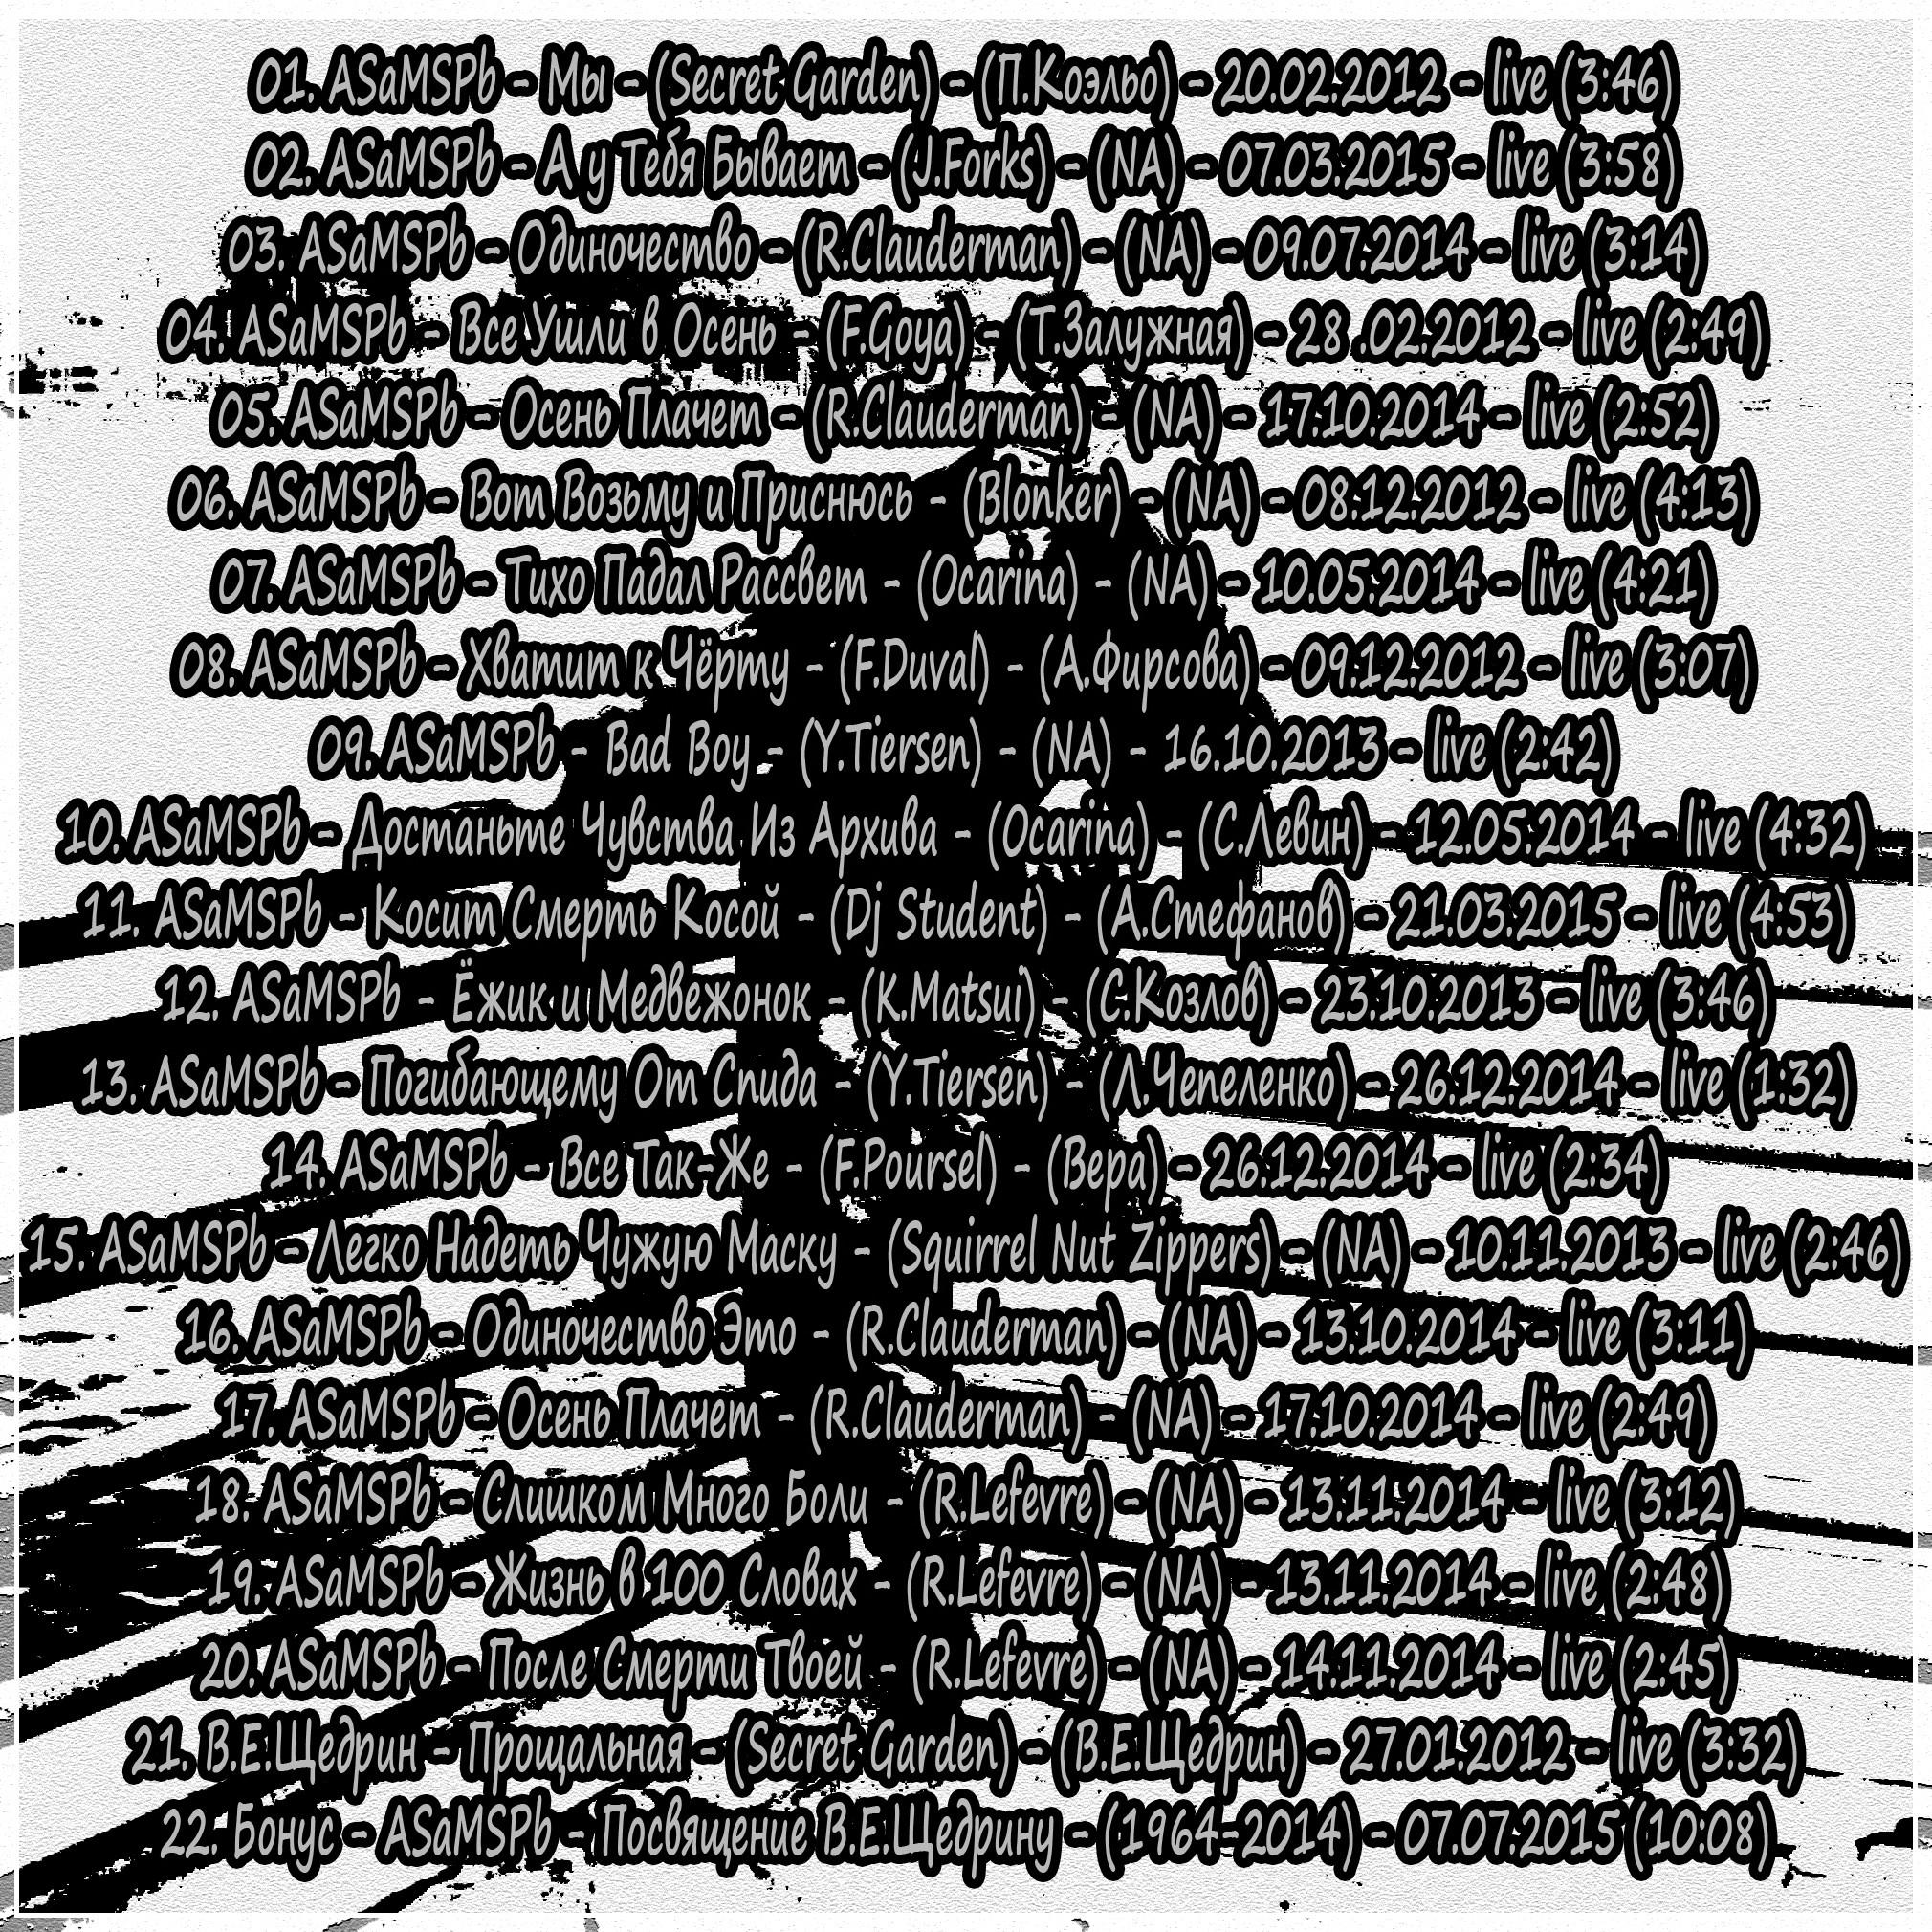 Альбом Cd - ASaMSPb - Мы - Лирика - 001 - 2015 - Live - Flac-Cue